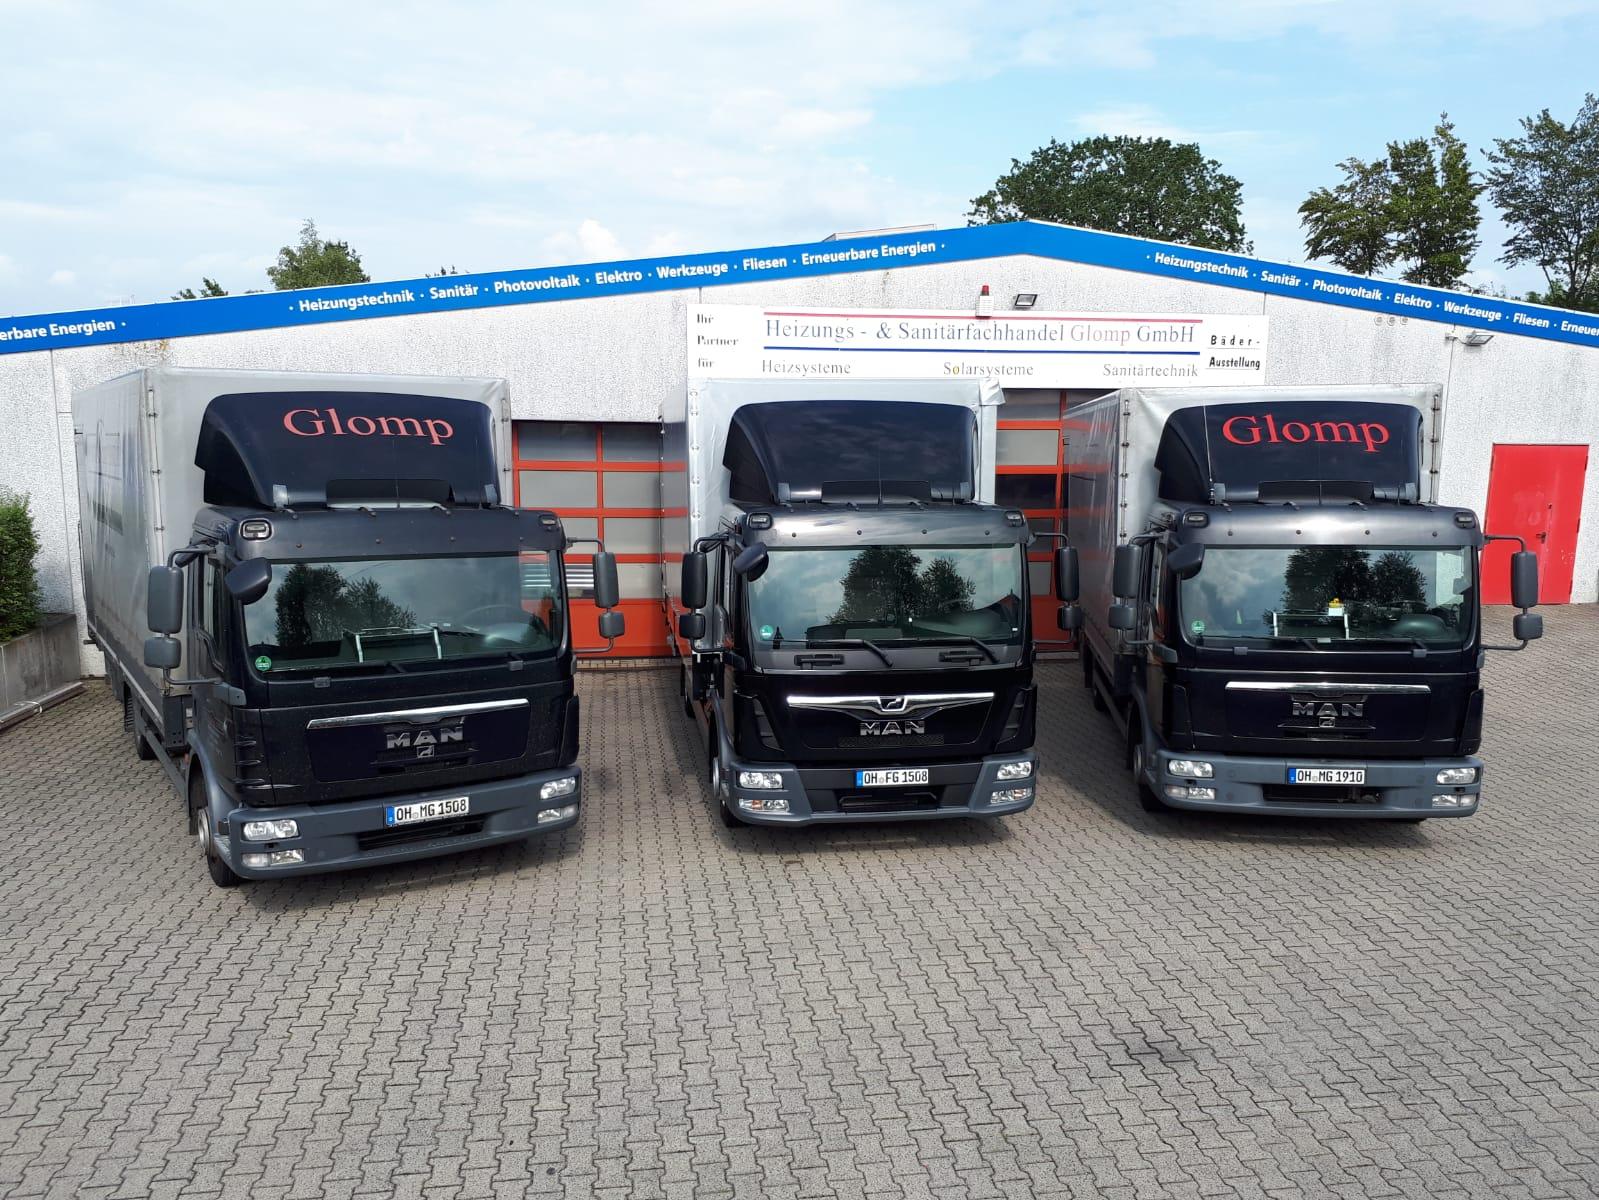 LKW-Logistik in Schleswig-Holstein